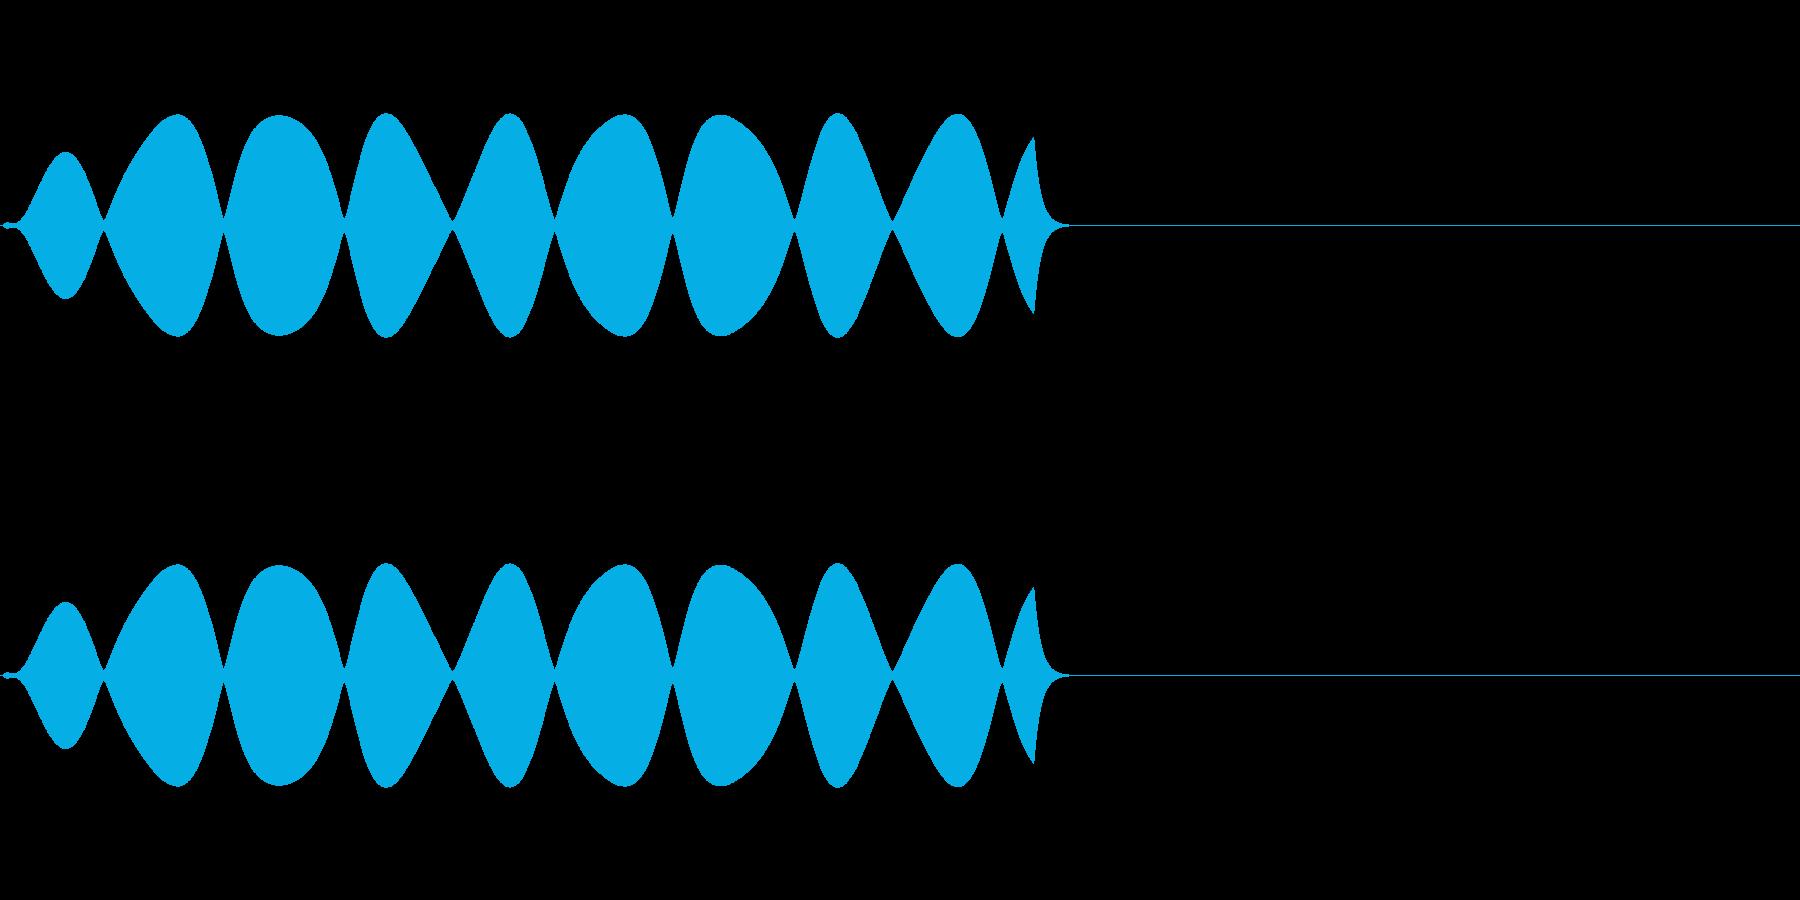 FX・SE/規制音/伏せ音/XXX/Aの再生済みの波形